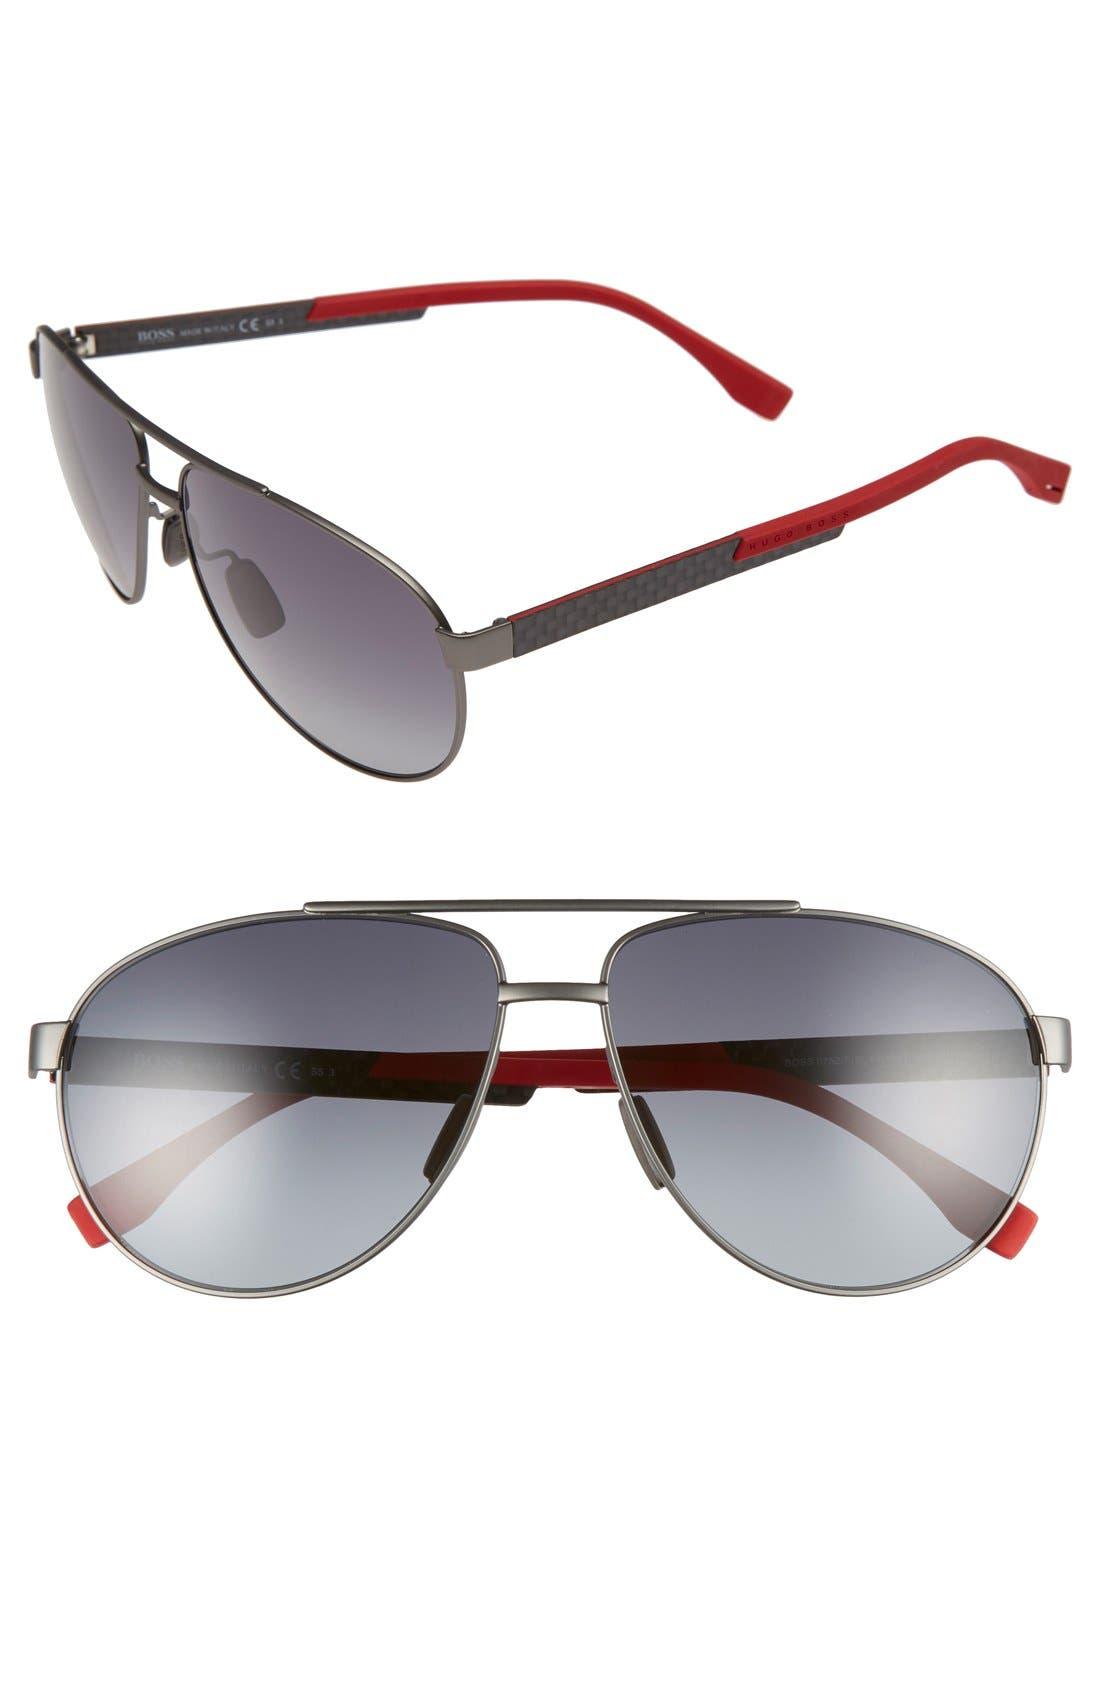 Main Image - BOSS 63mm Aviator Sunglasses